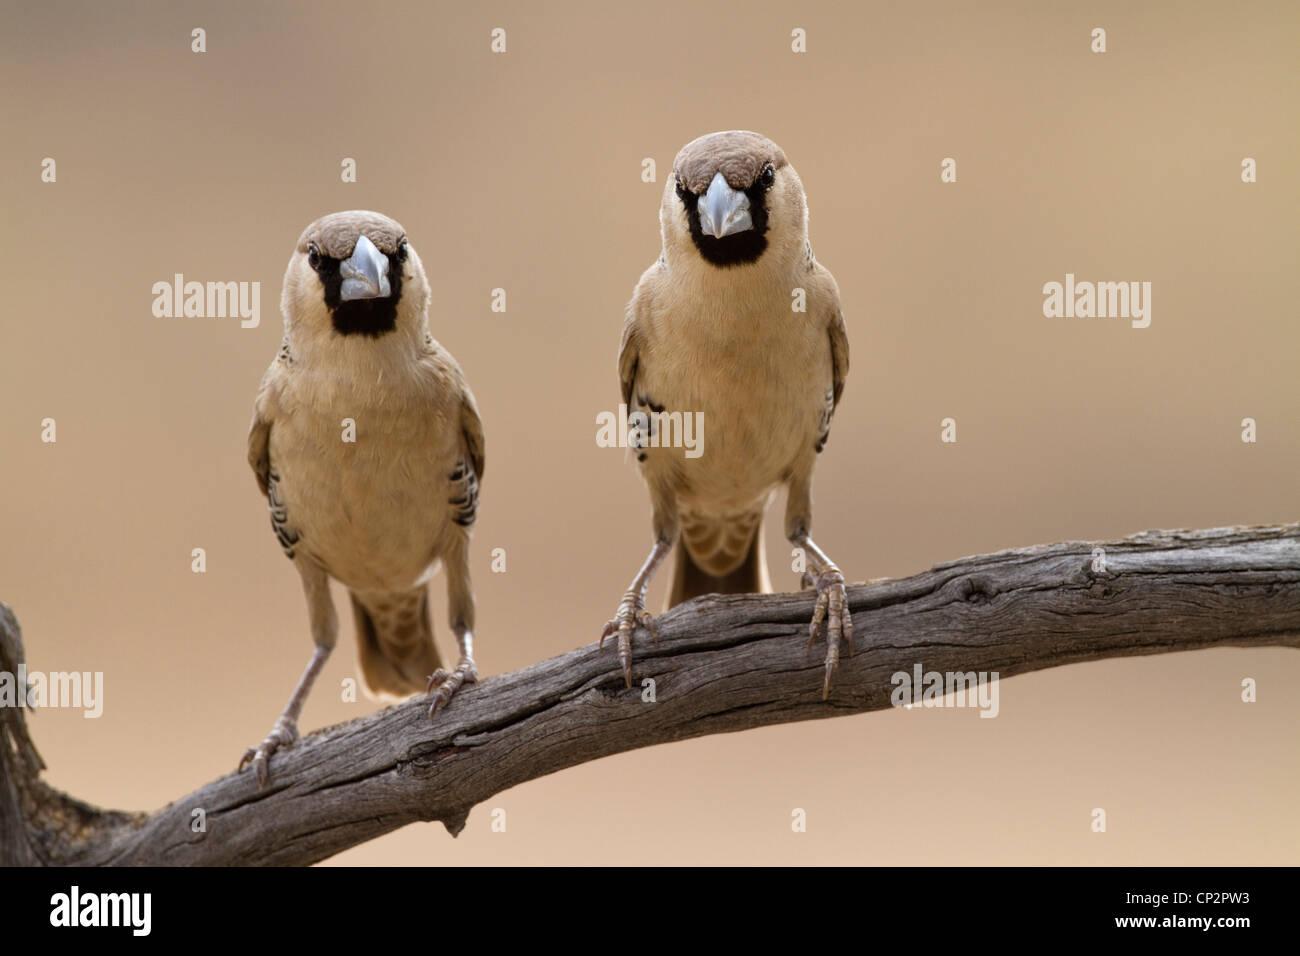 Zwei geselligen Webervögel thront Side-by-Side auf einem Ast Stockbild